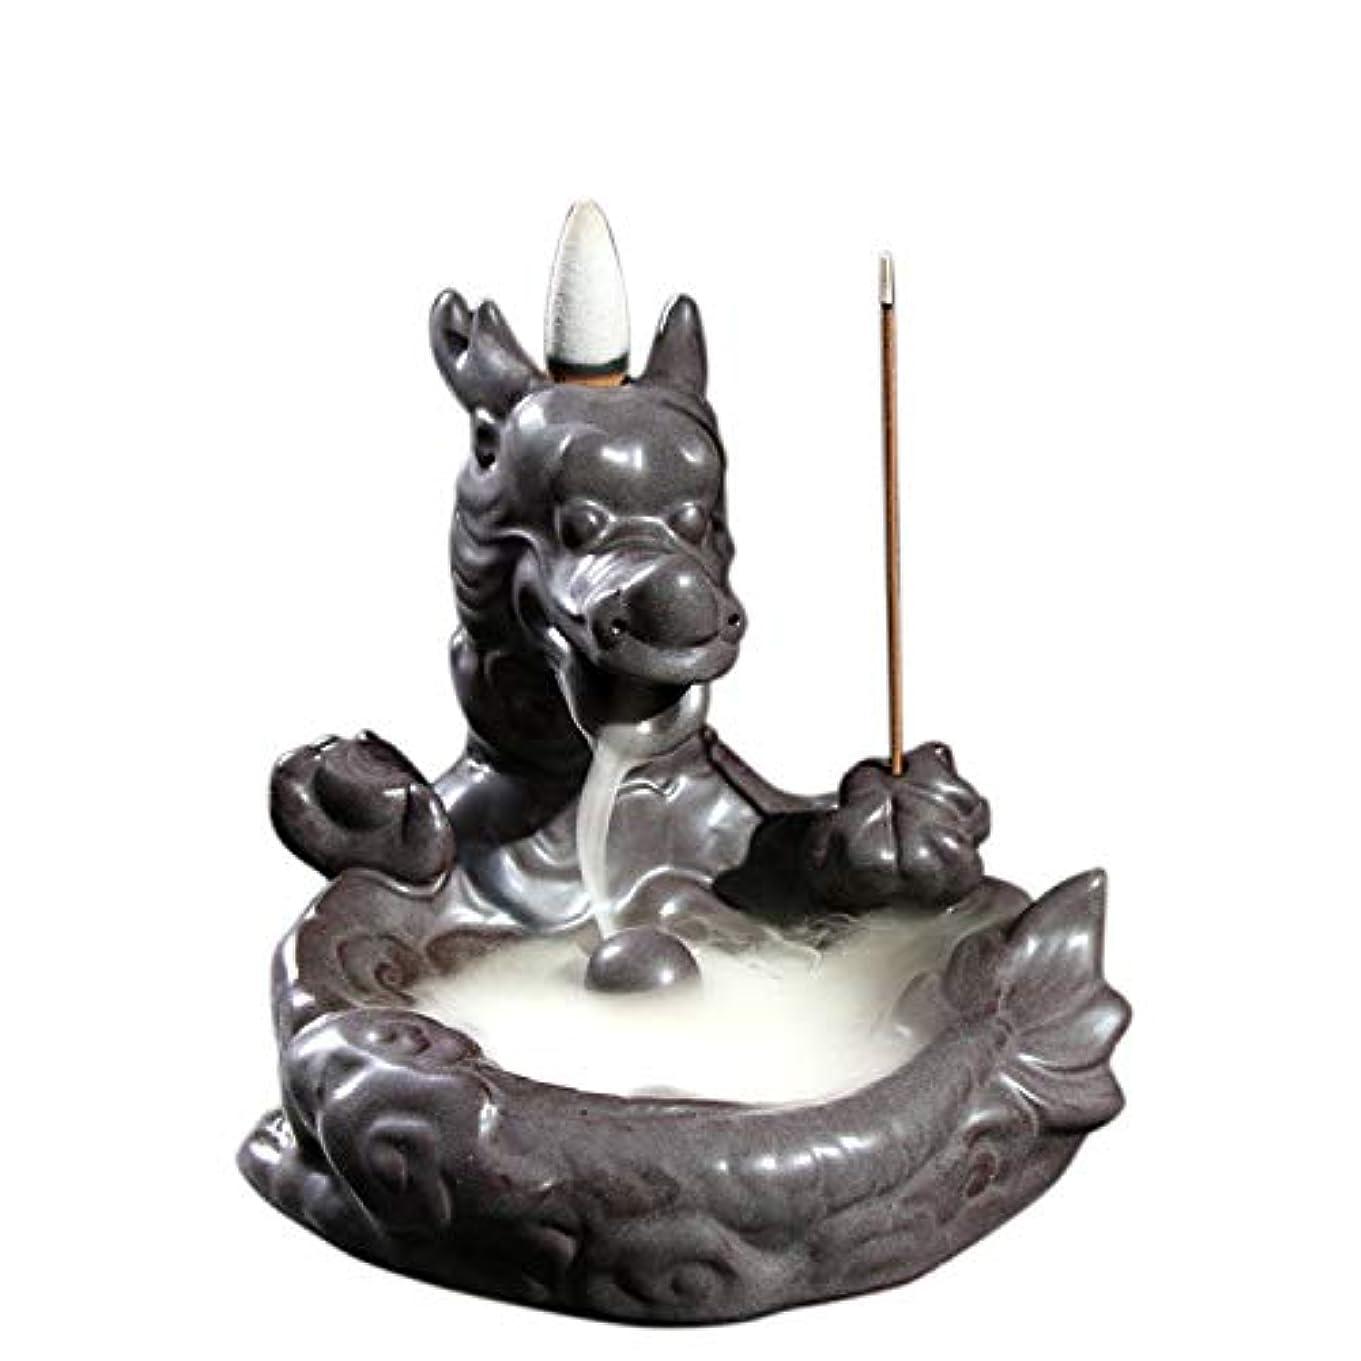 装置教義世界記録のギネスブックXPPXPP Backflow Incense Burner, Household Ceramic Returning Cone-shaped Candlestick Burner